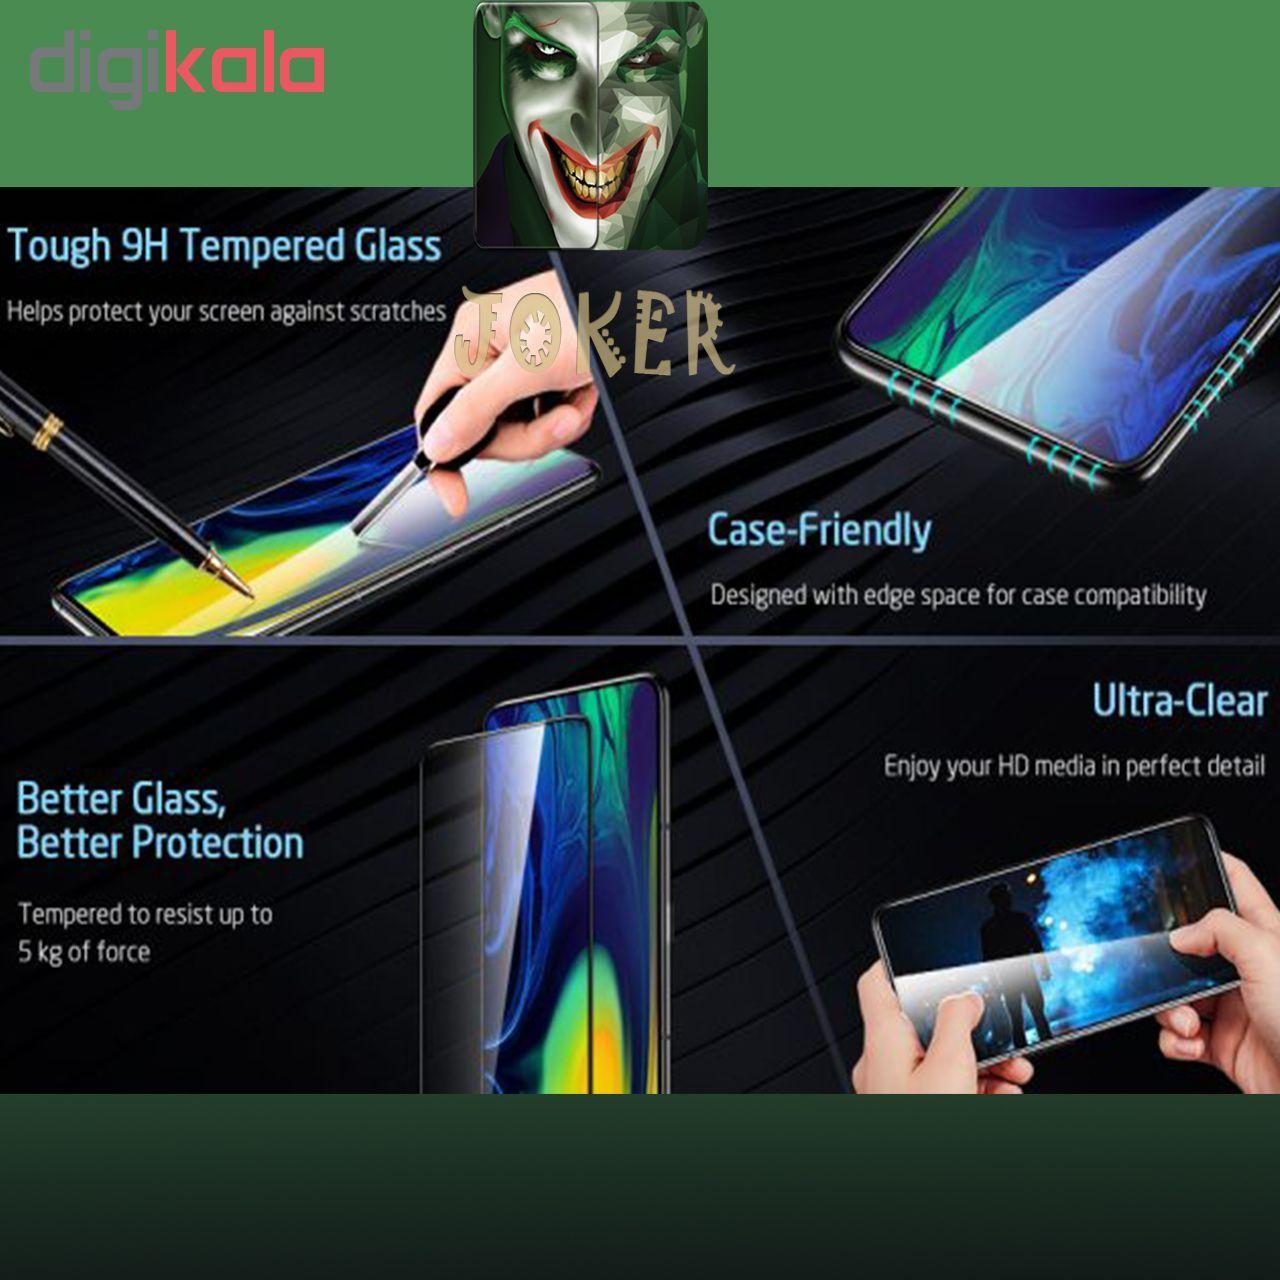 محافظ صفحه نمایش حریم شخصی و پشت گوشی   جوکر مدل FUM-01 مناسب برای گوشی موبایل اپل Iphone Xs  به همراه محافظ لنز دوربین  main 1 4